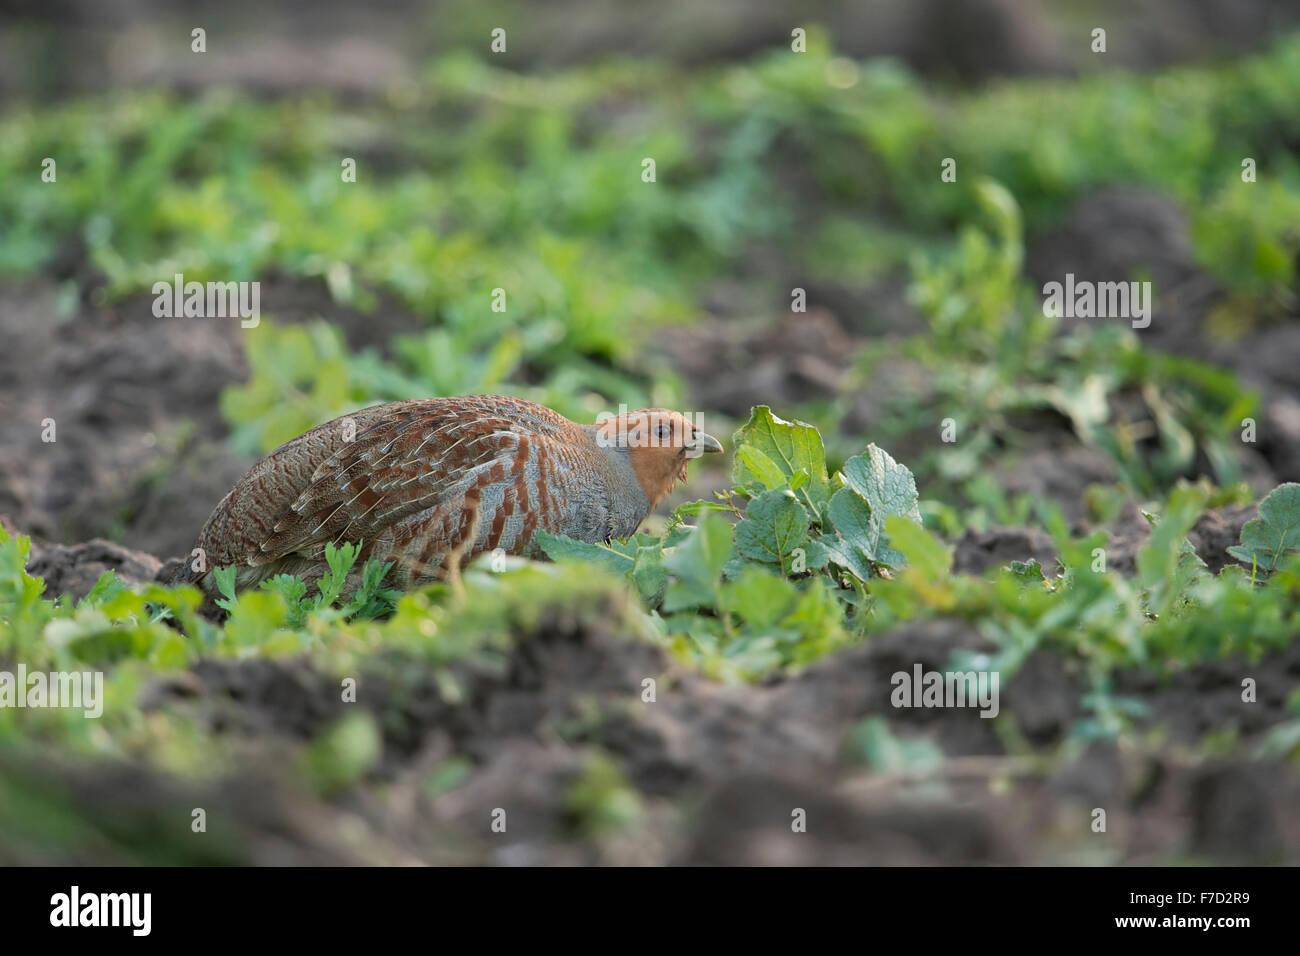 Grey partridge / Rebhuhn ( Perdix perdix ) crouching between herbs on a field, eating seeds. - Stock Image